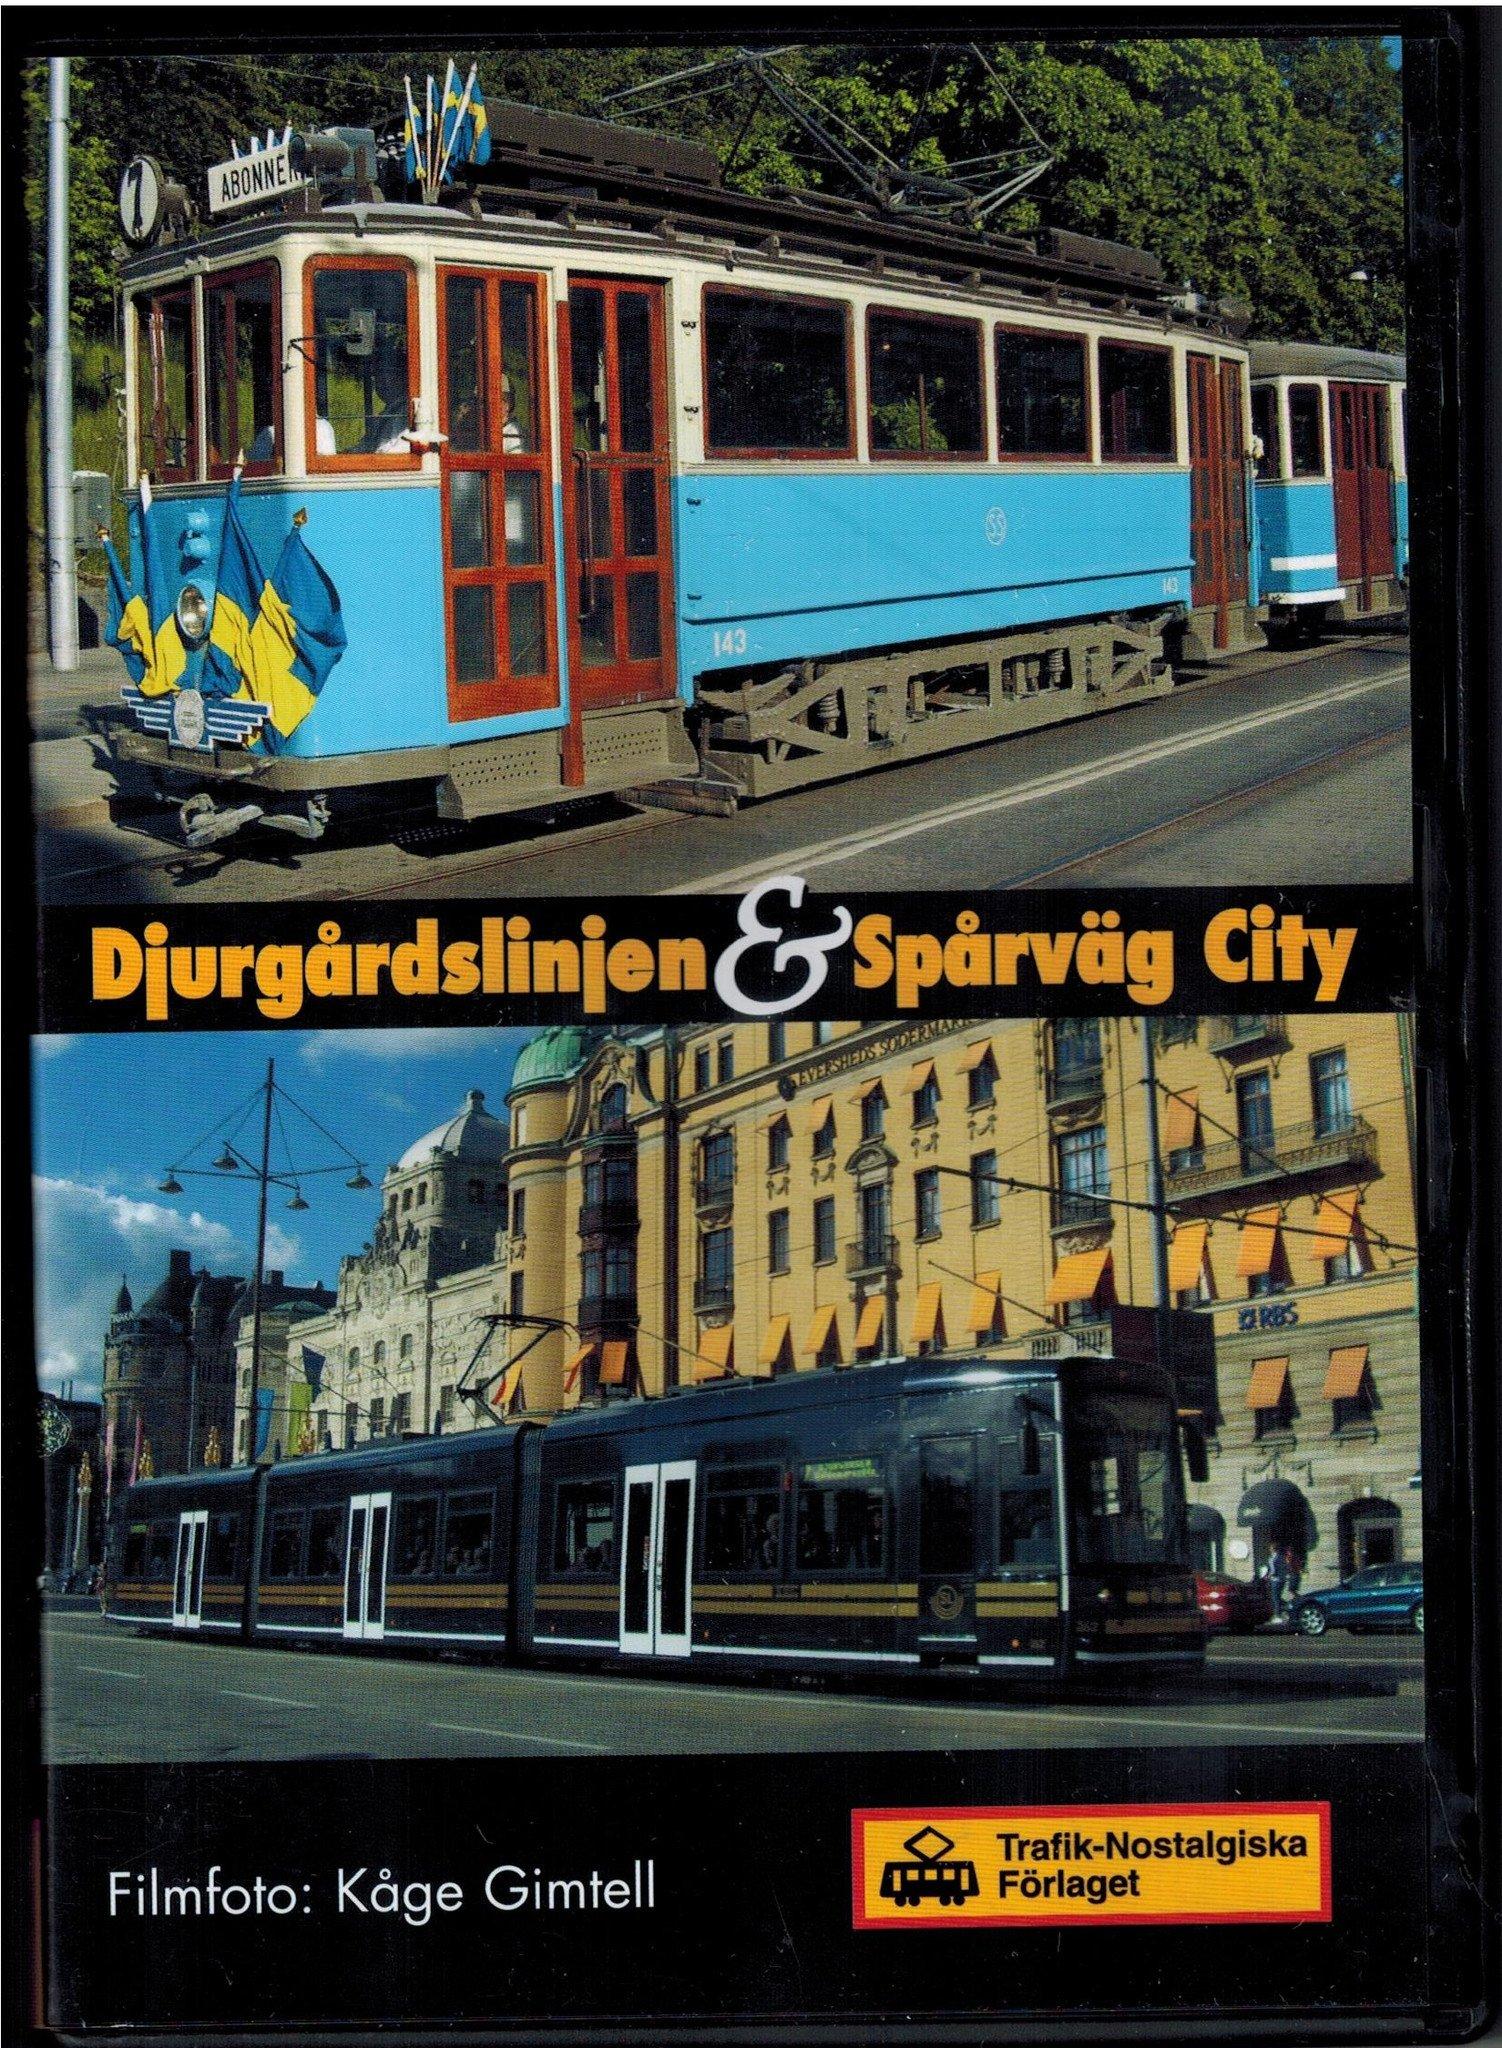 Djurgårdslinjen & Spårväg city